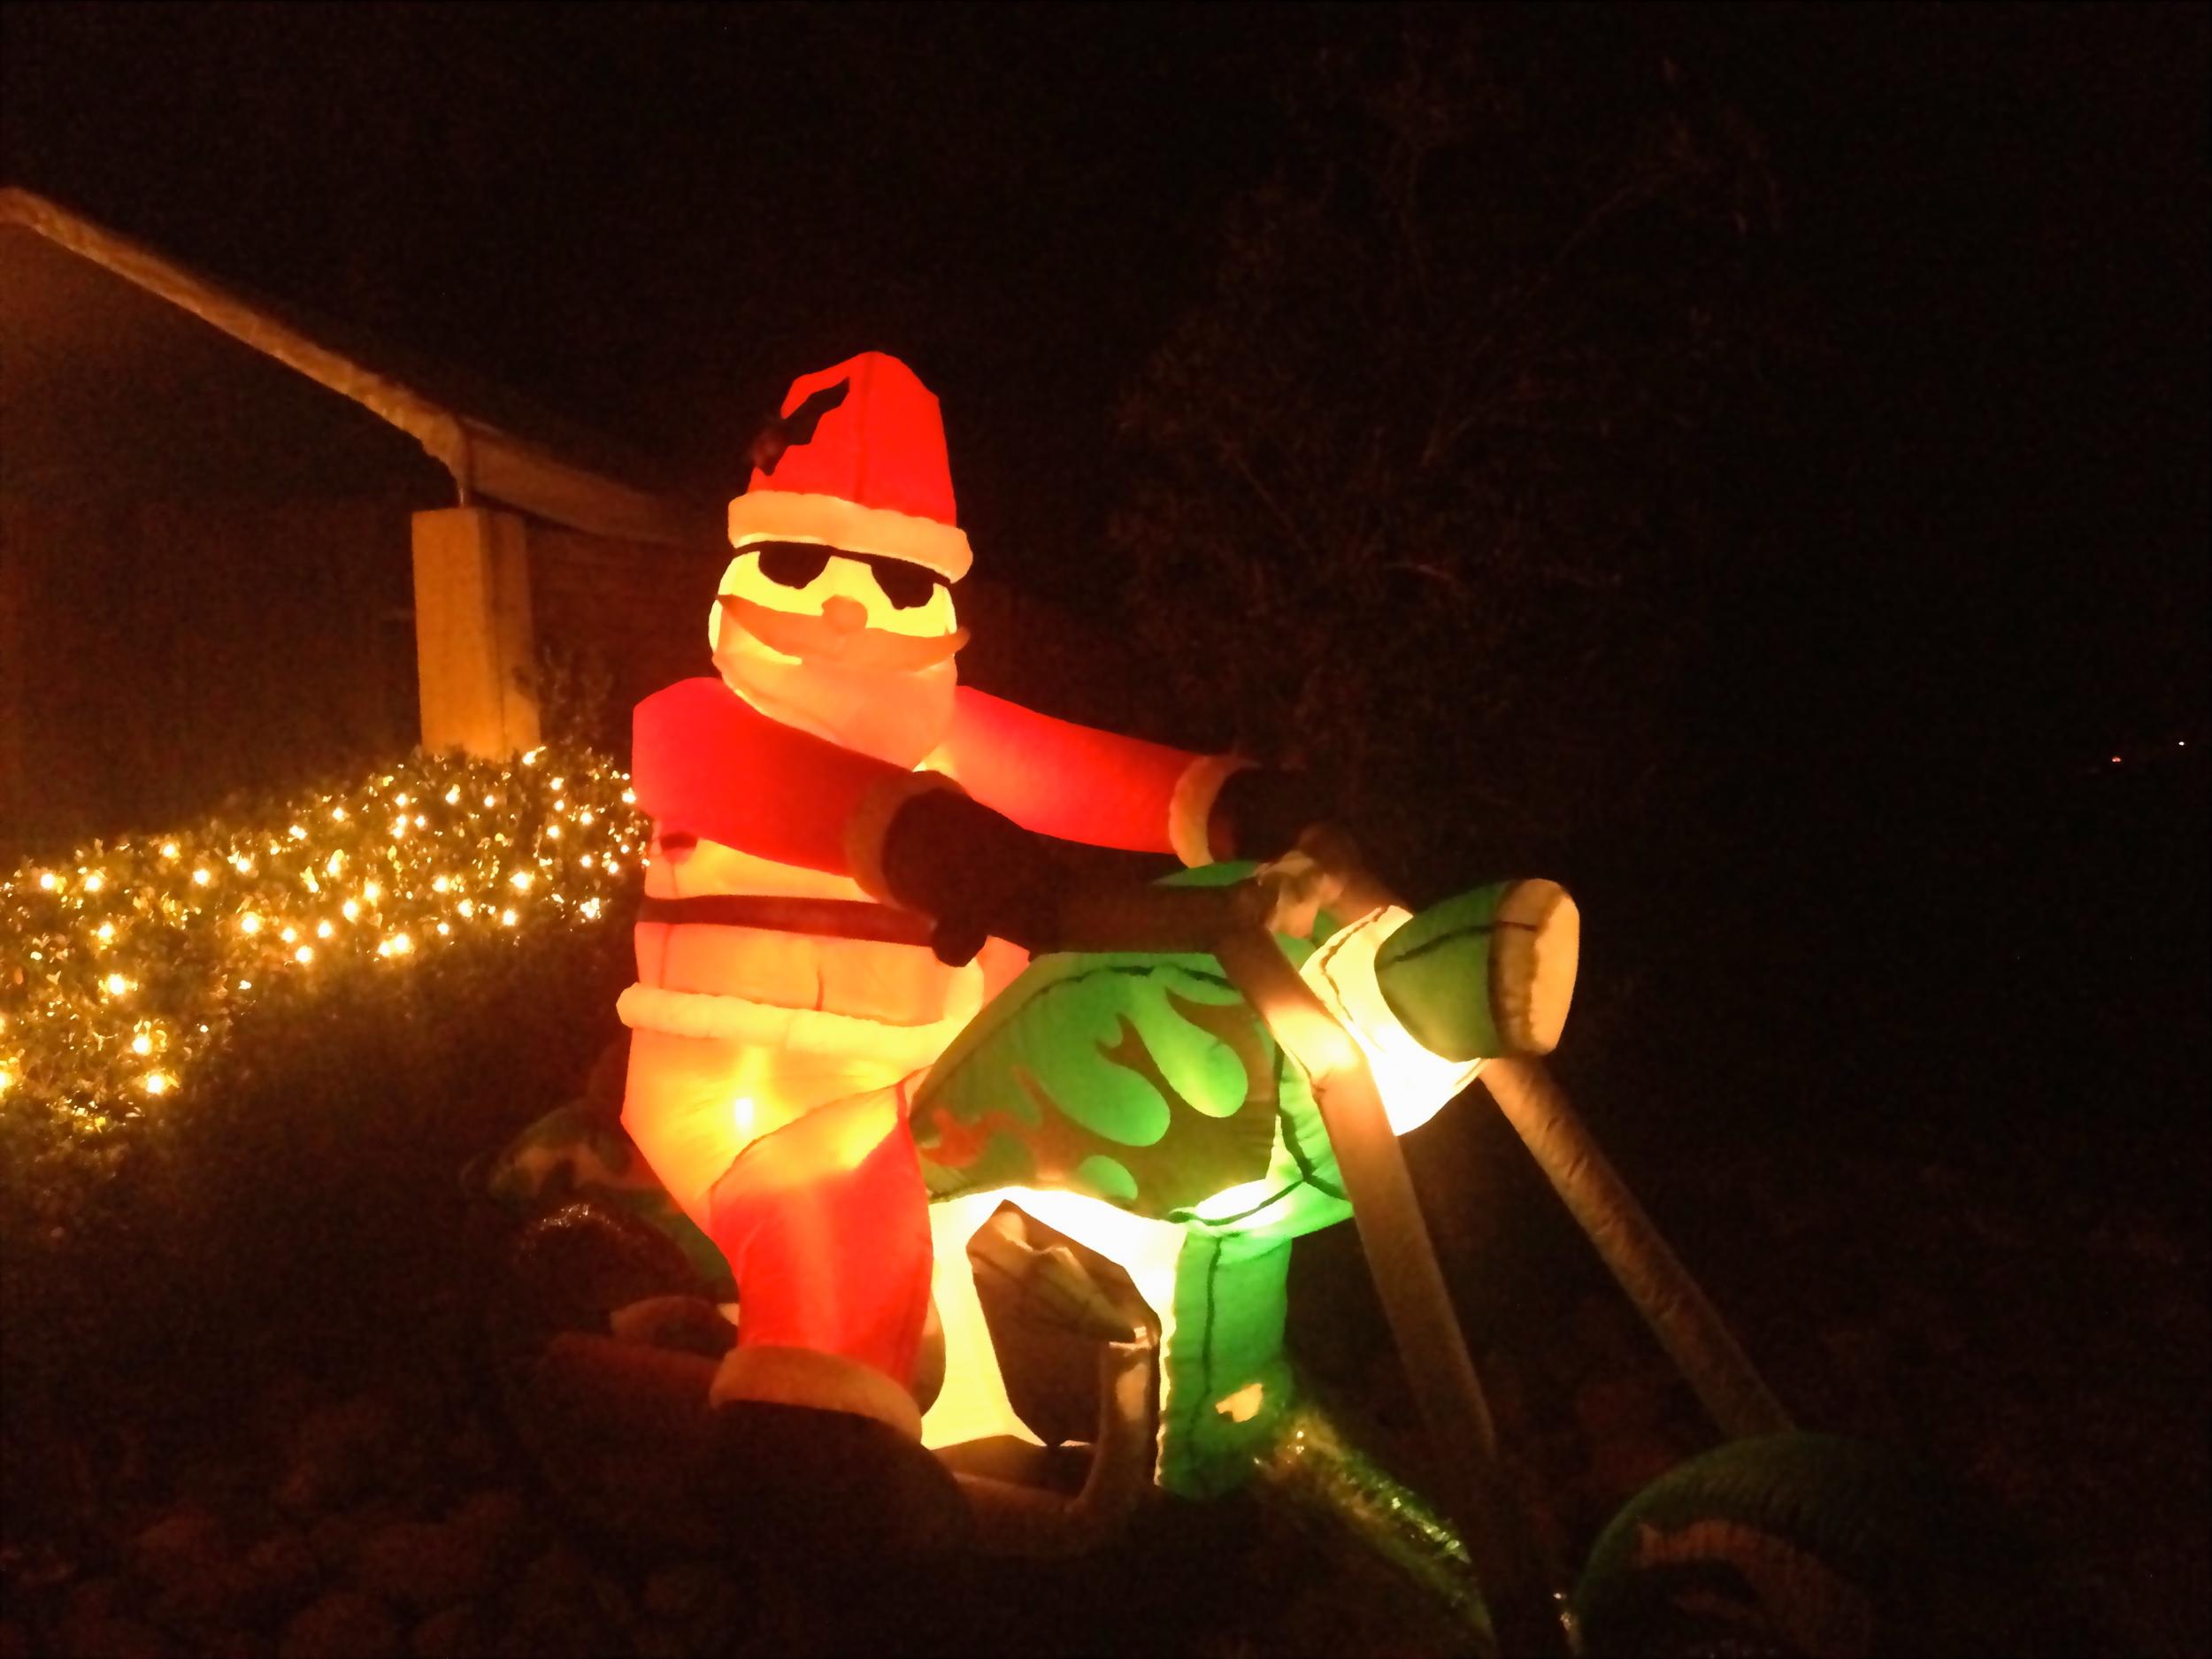 Santa has a new sleigh